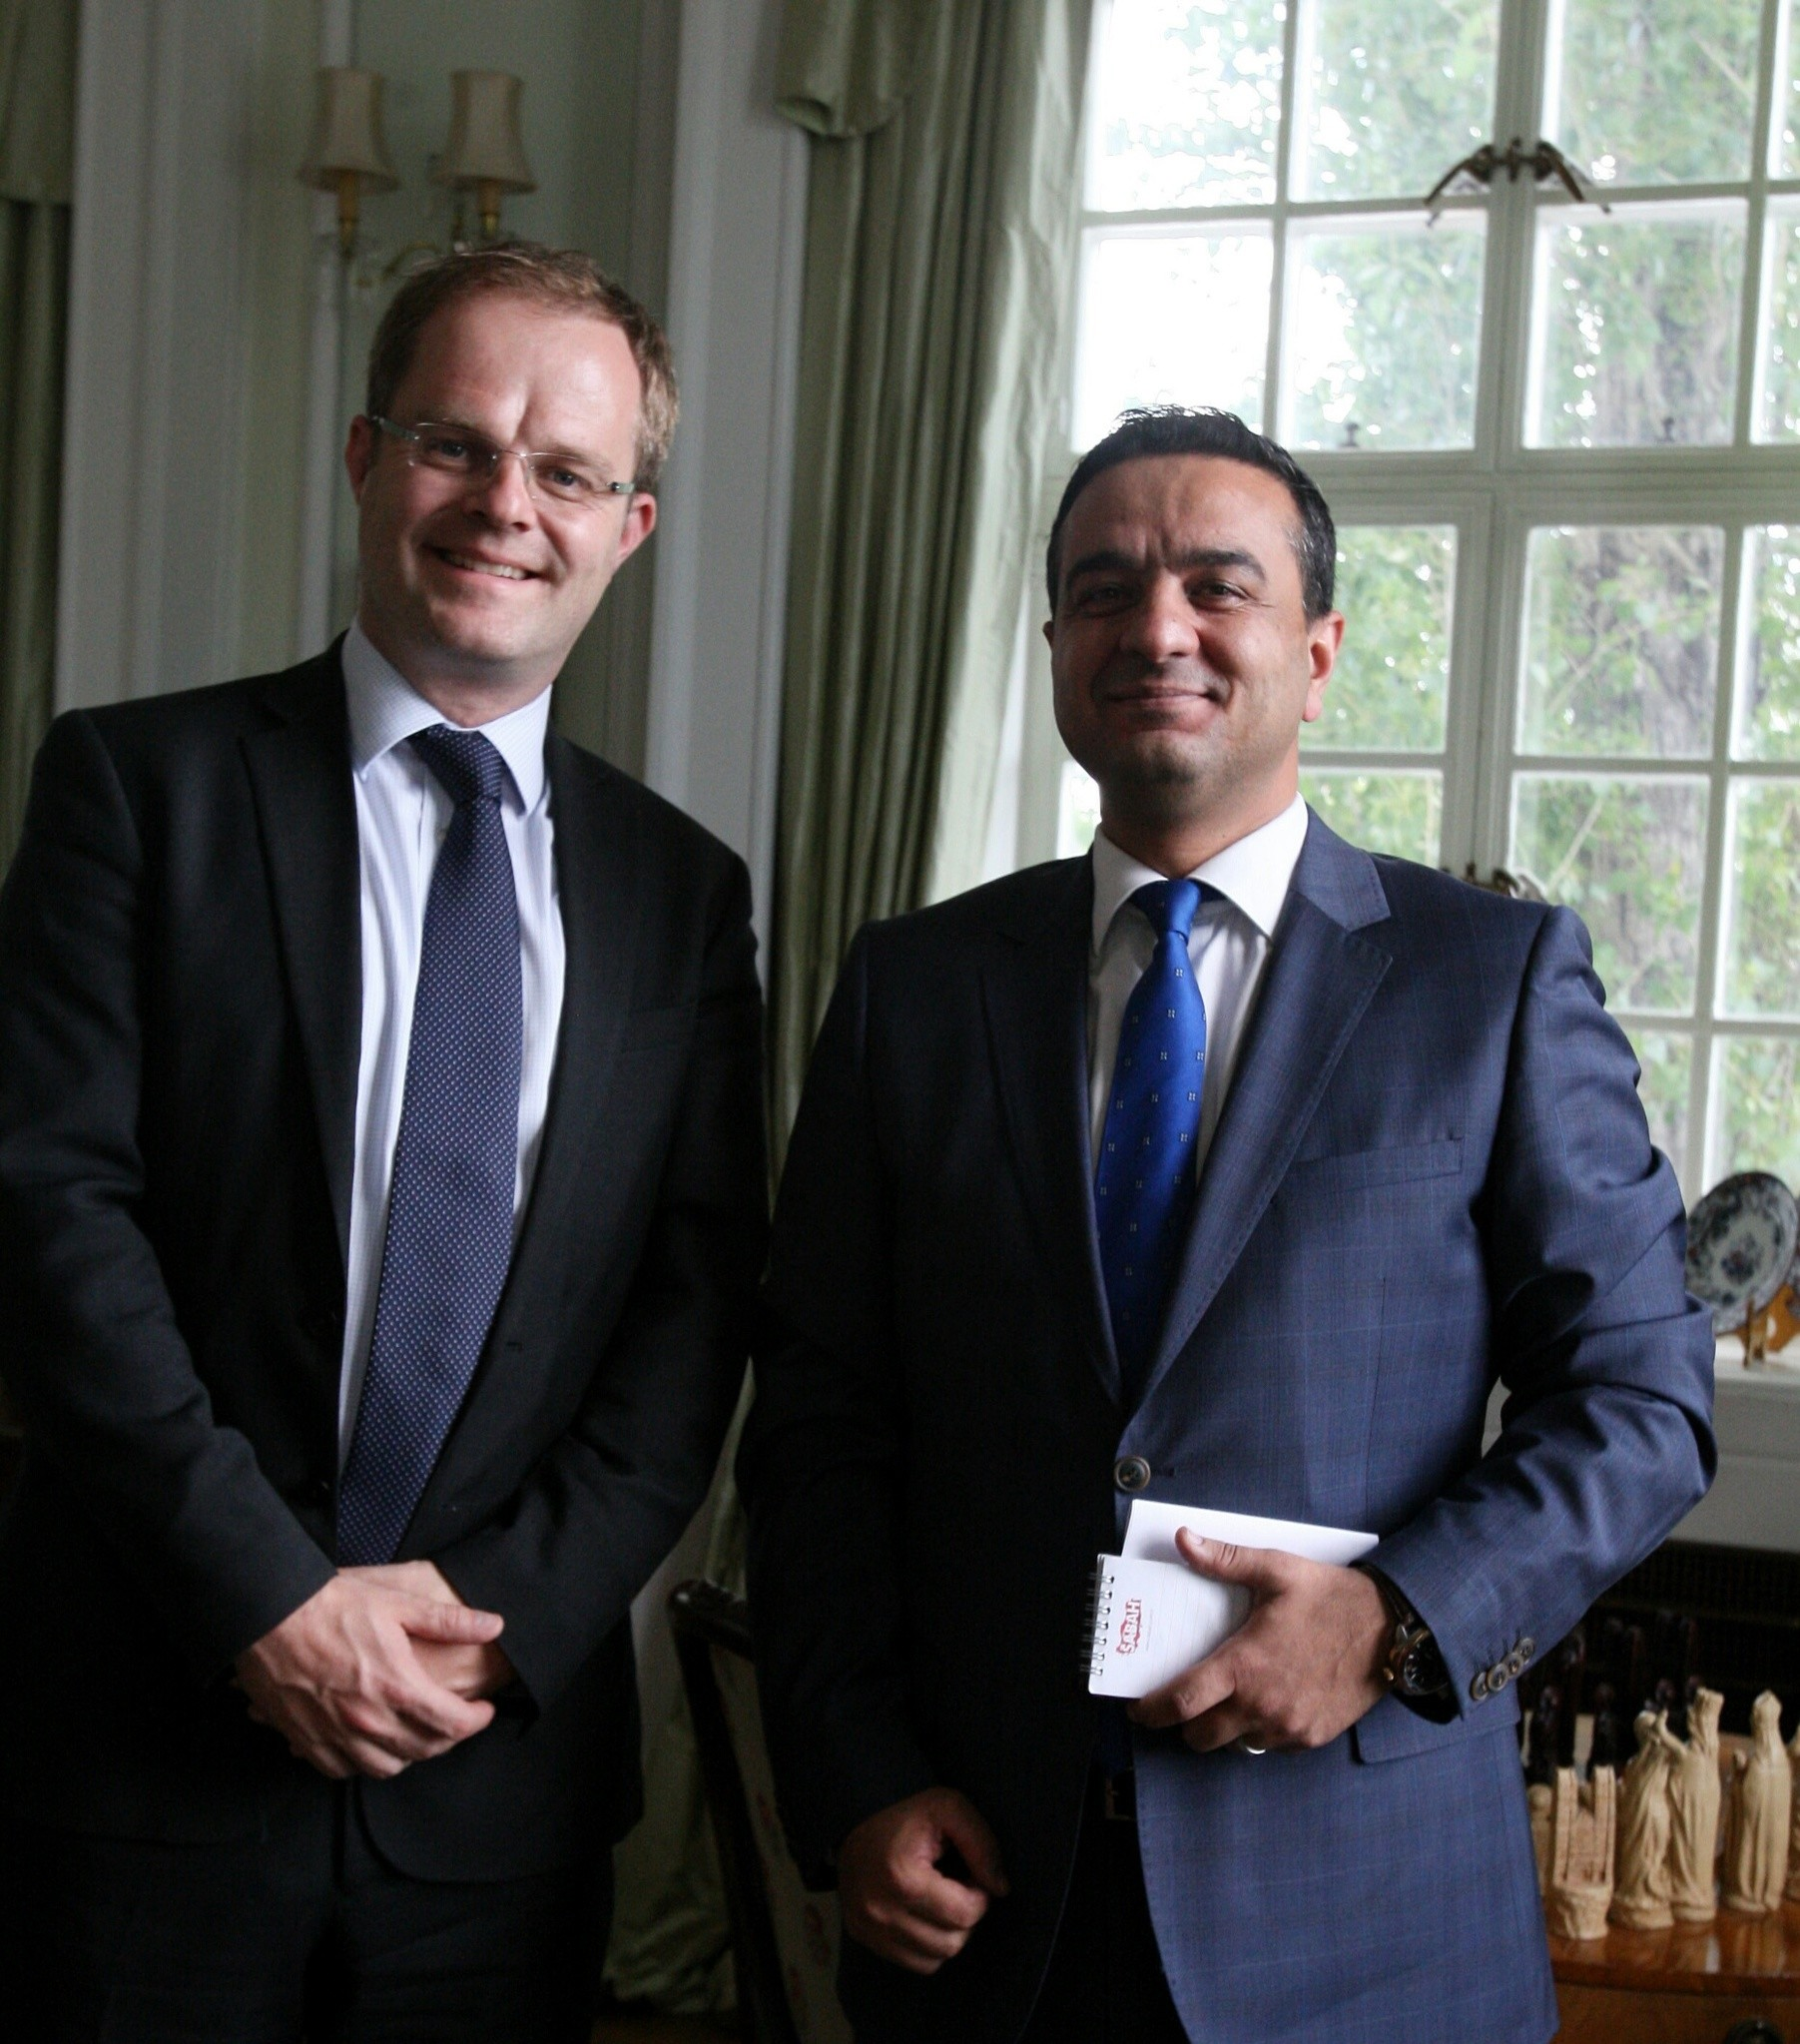 The U.K. special representative for Syria, Gareth Bayley (L) and Daily Sabah's Ali u00dcnal